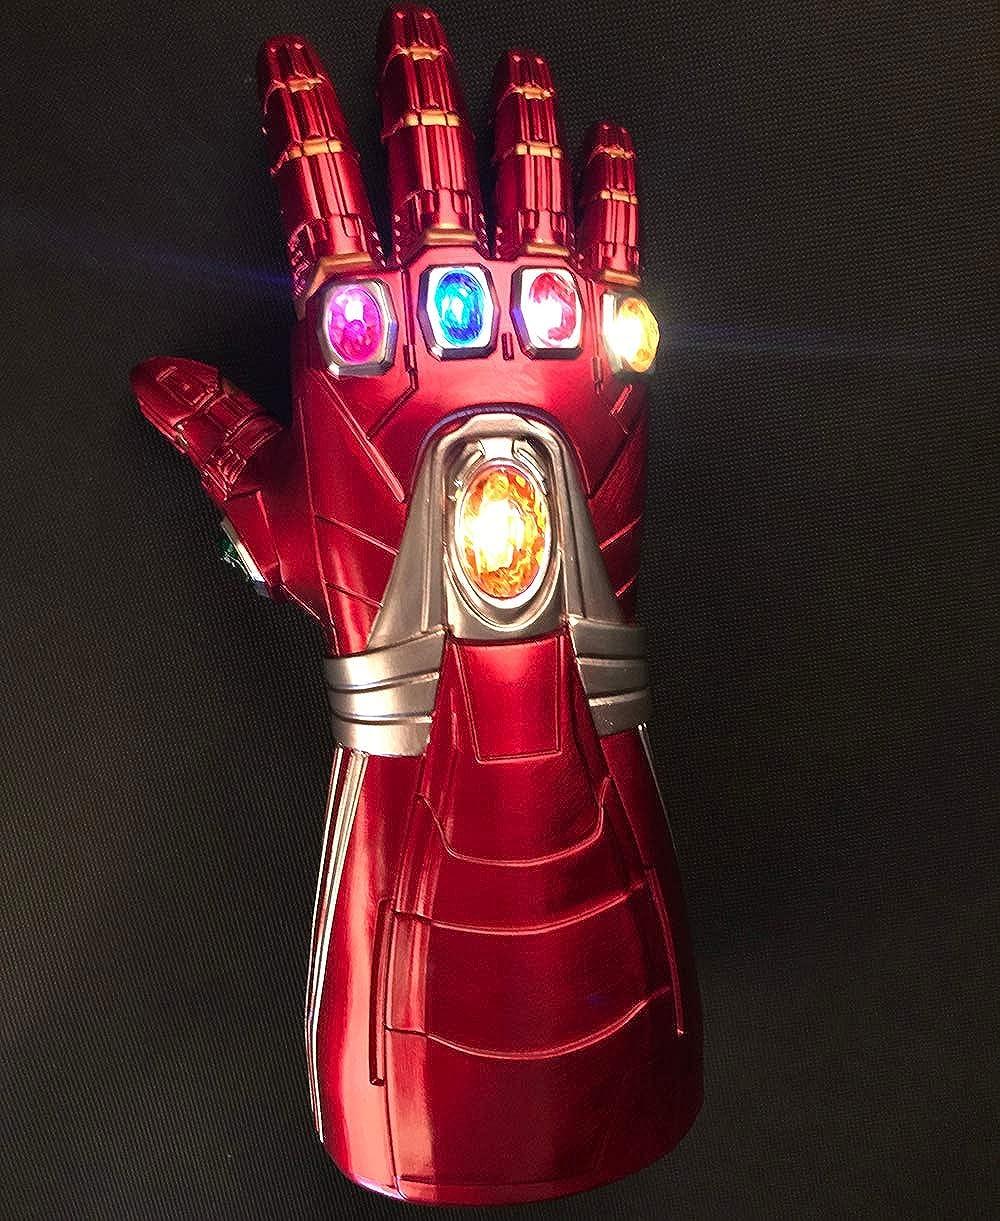 Avengers Endgame Iron Man Infinity Stone Gauntlet Glove Light Up Yacn Iron Man Gauntlet